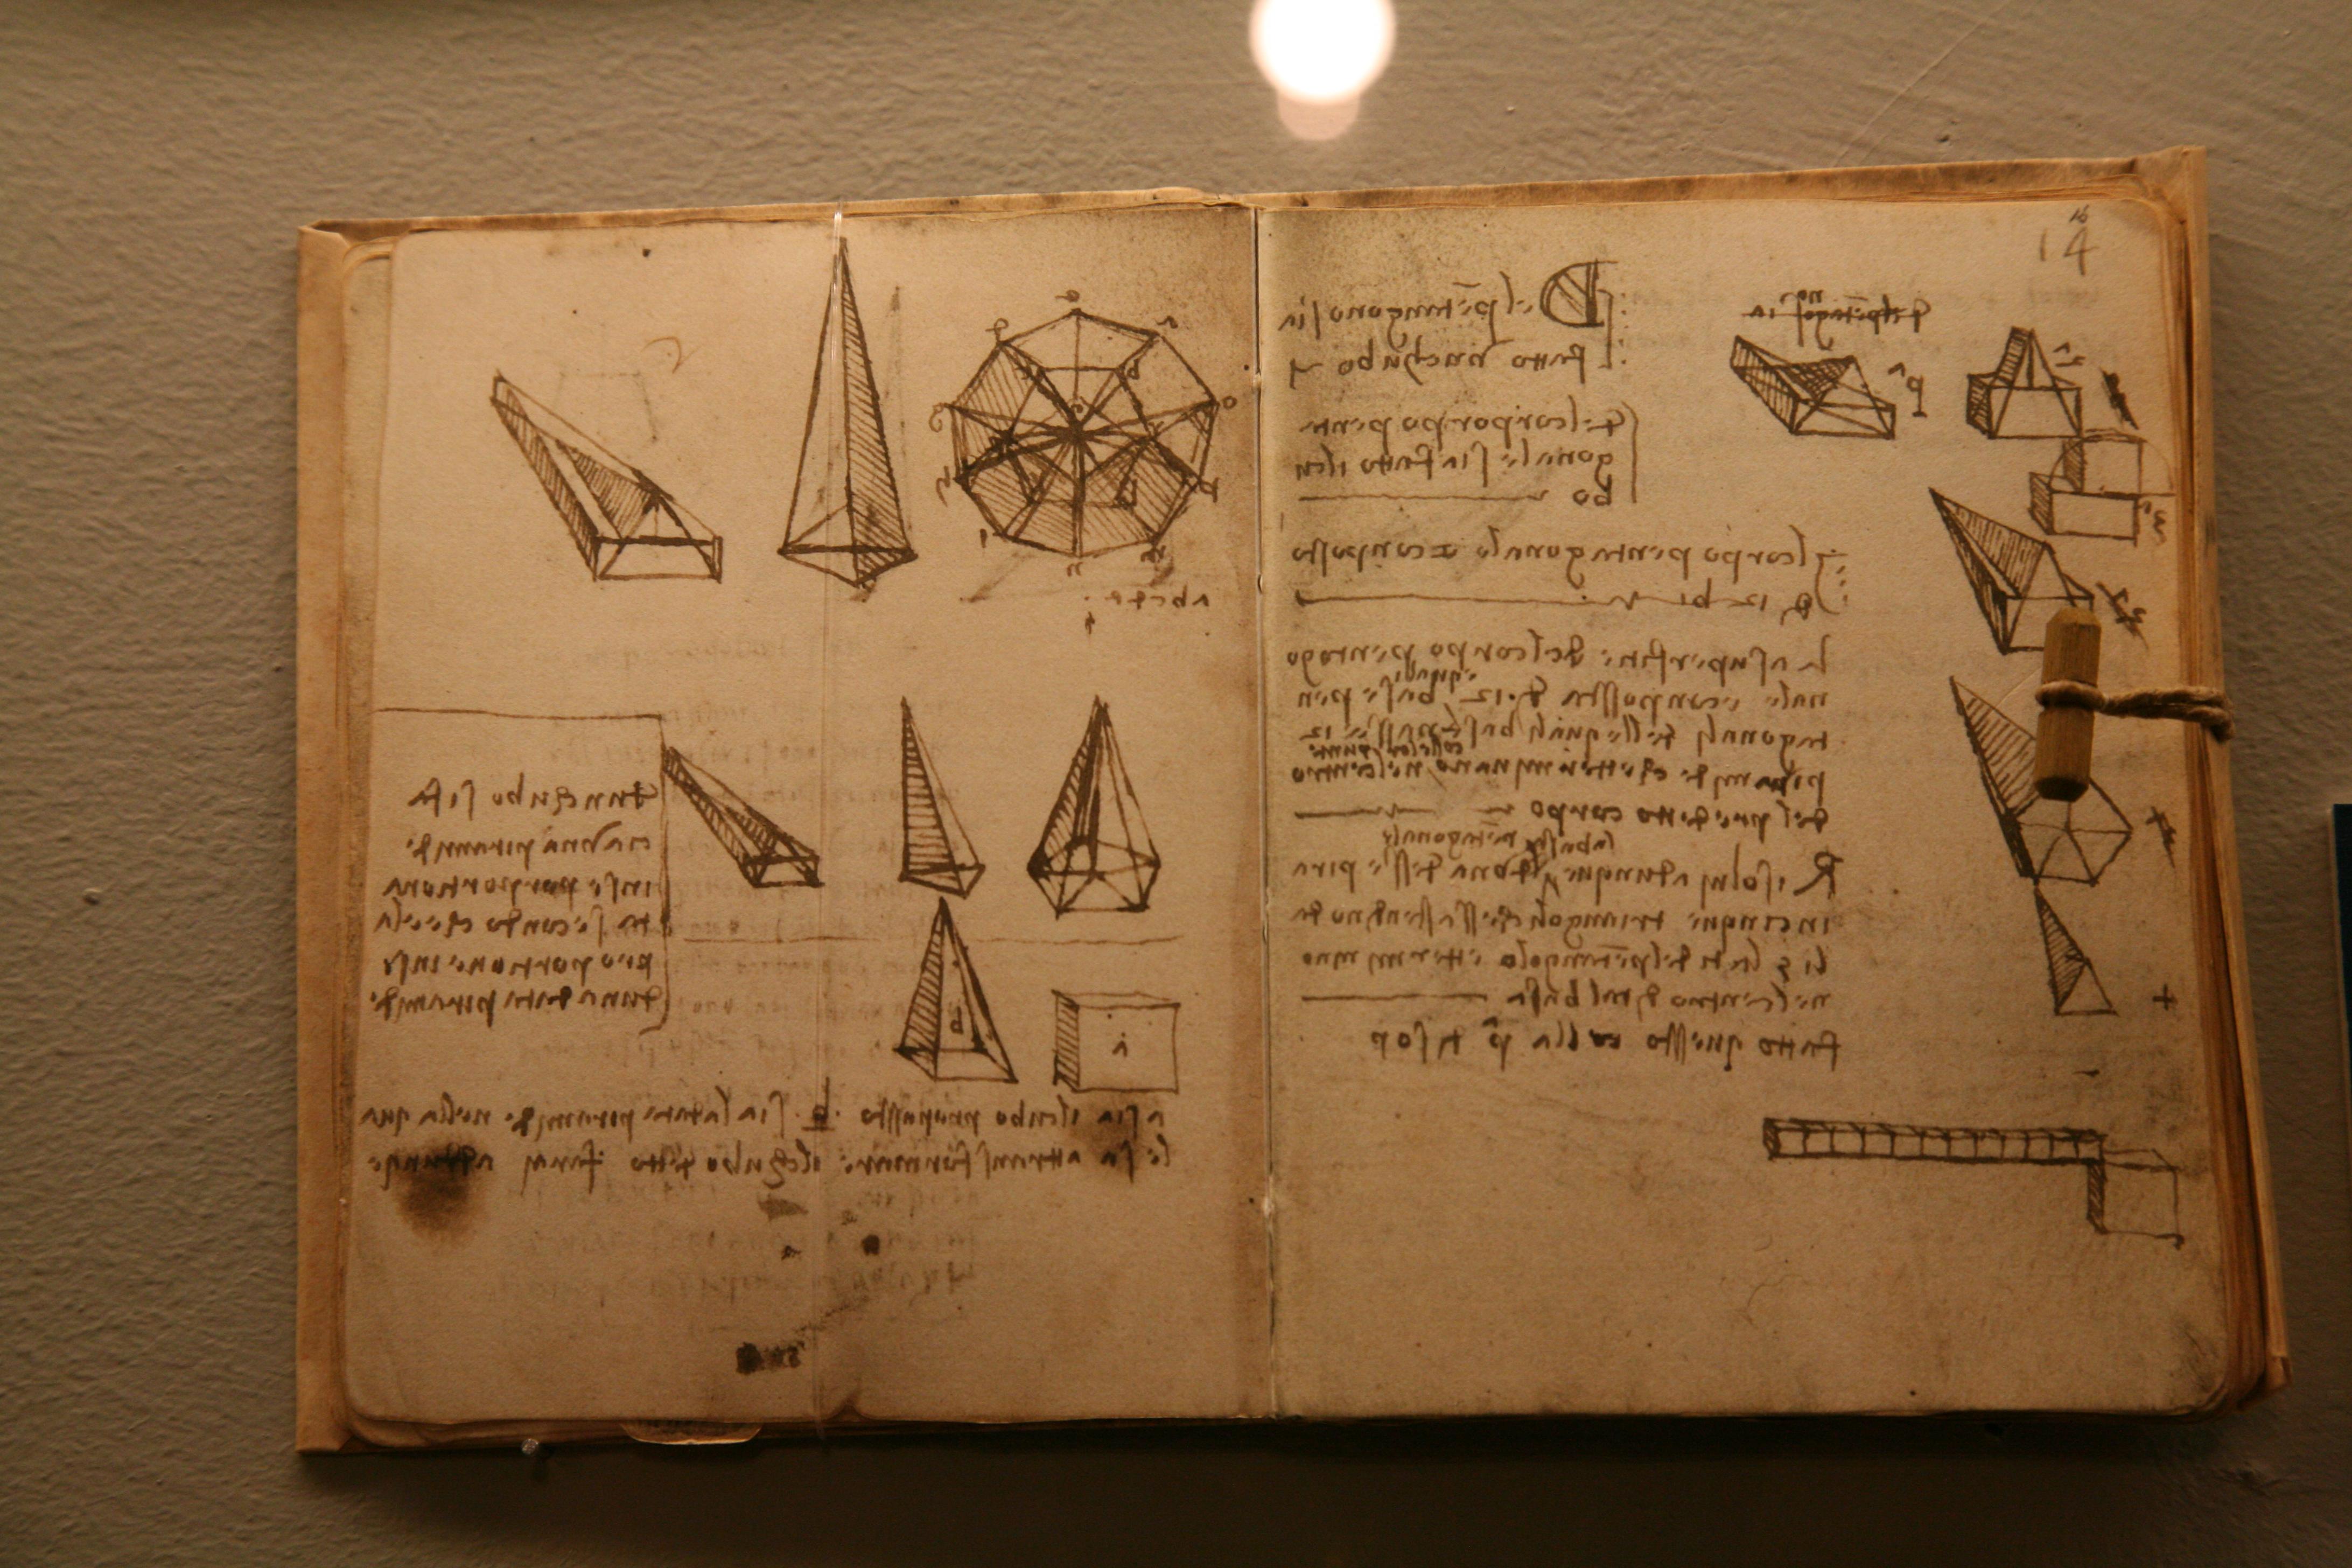 sensors_davinci_notebook.jpg